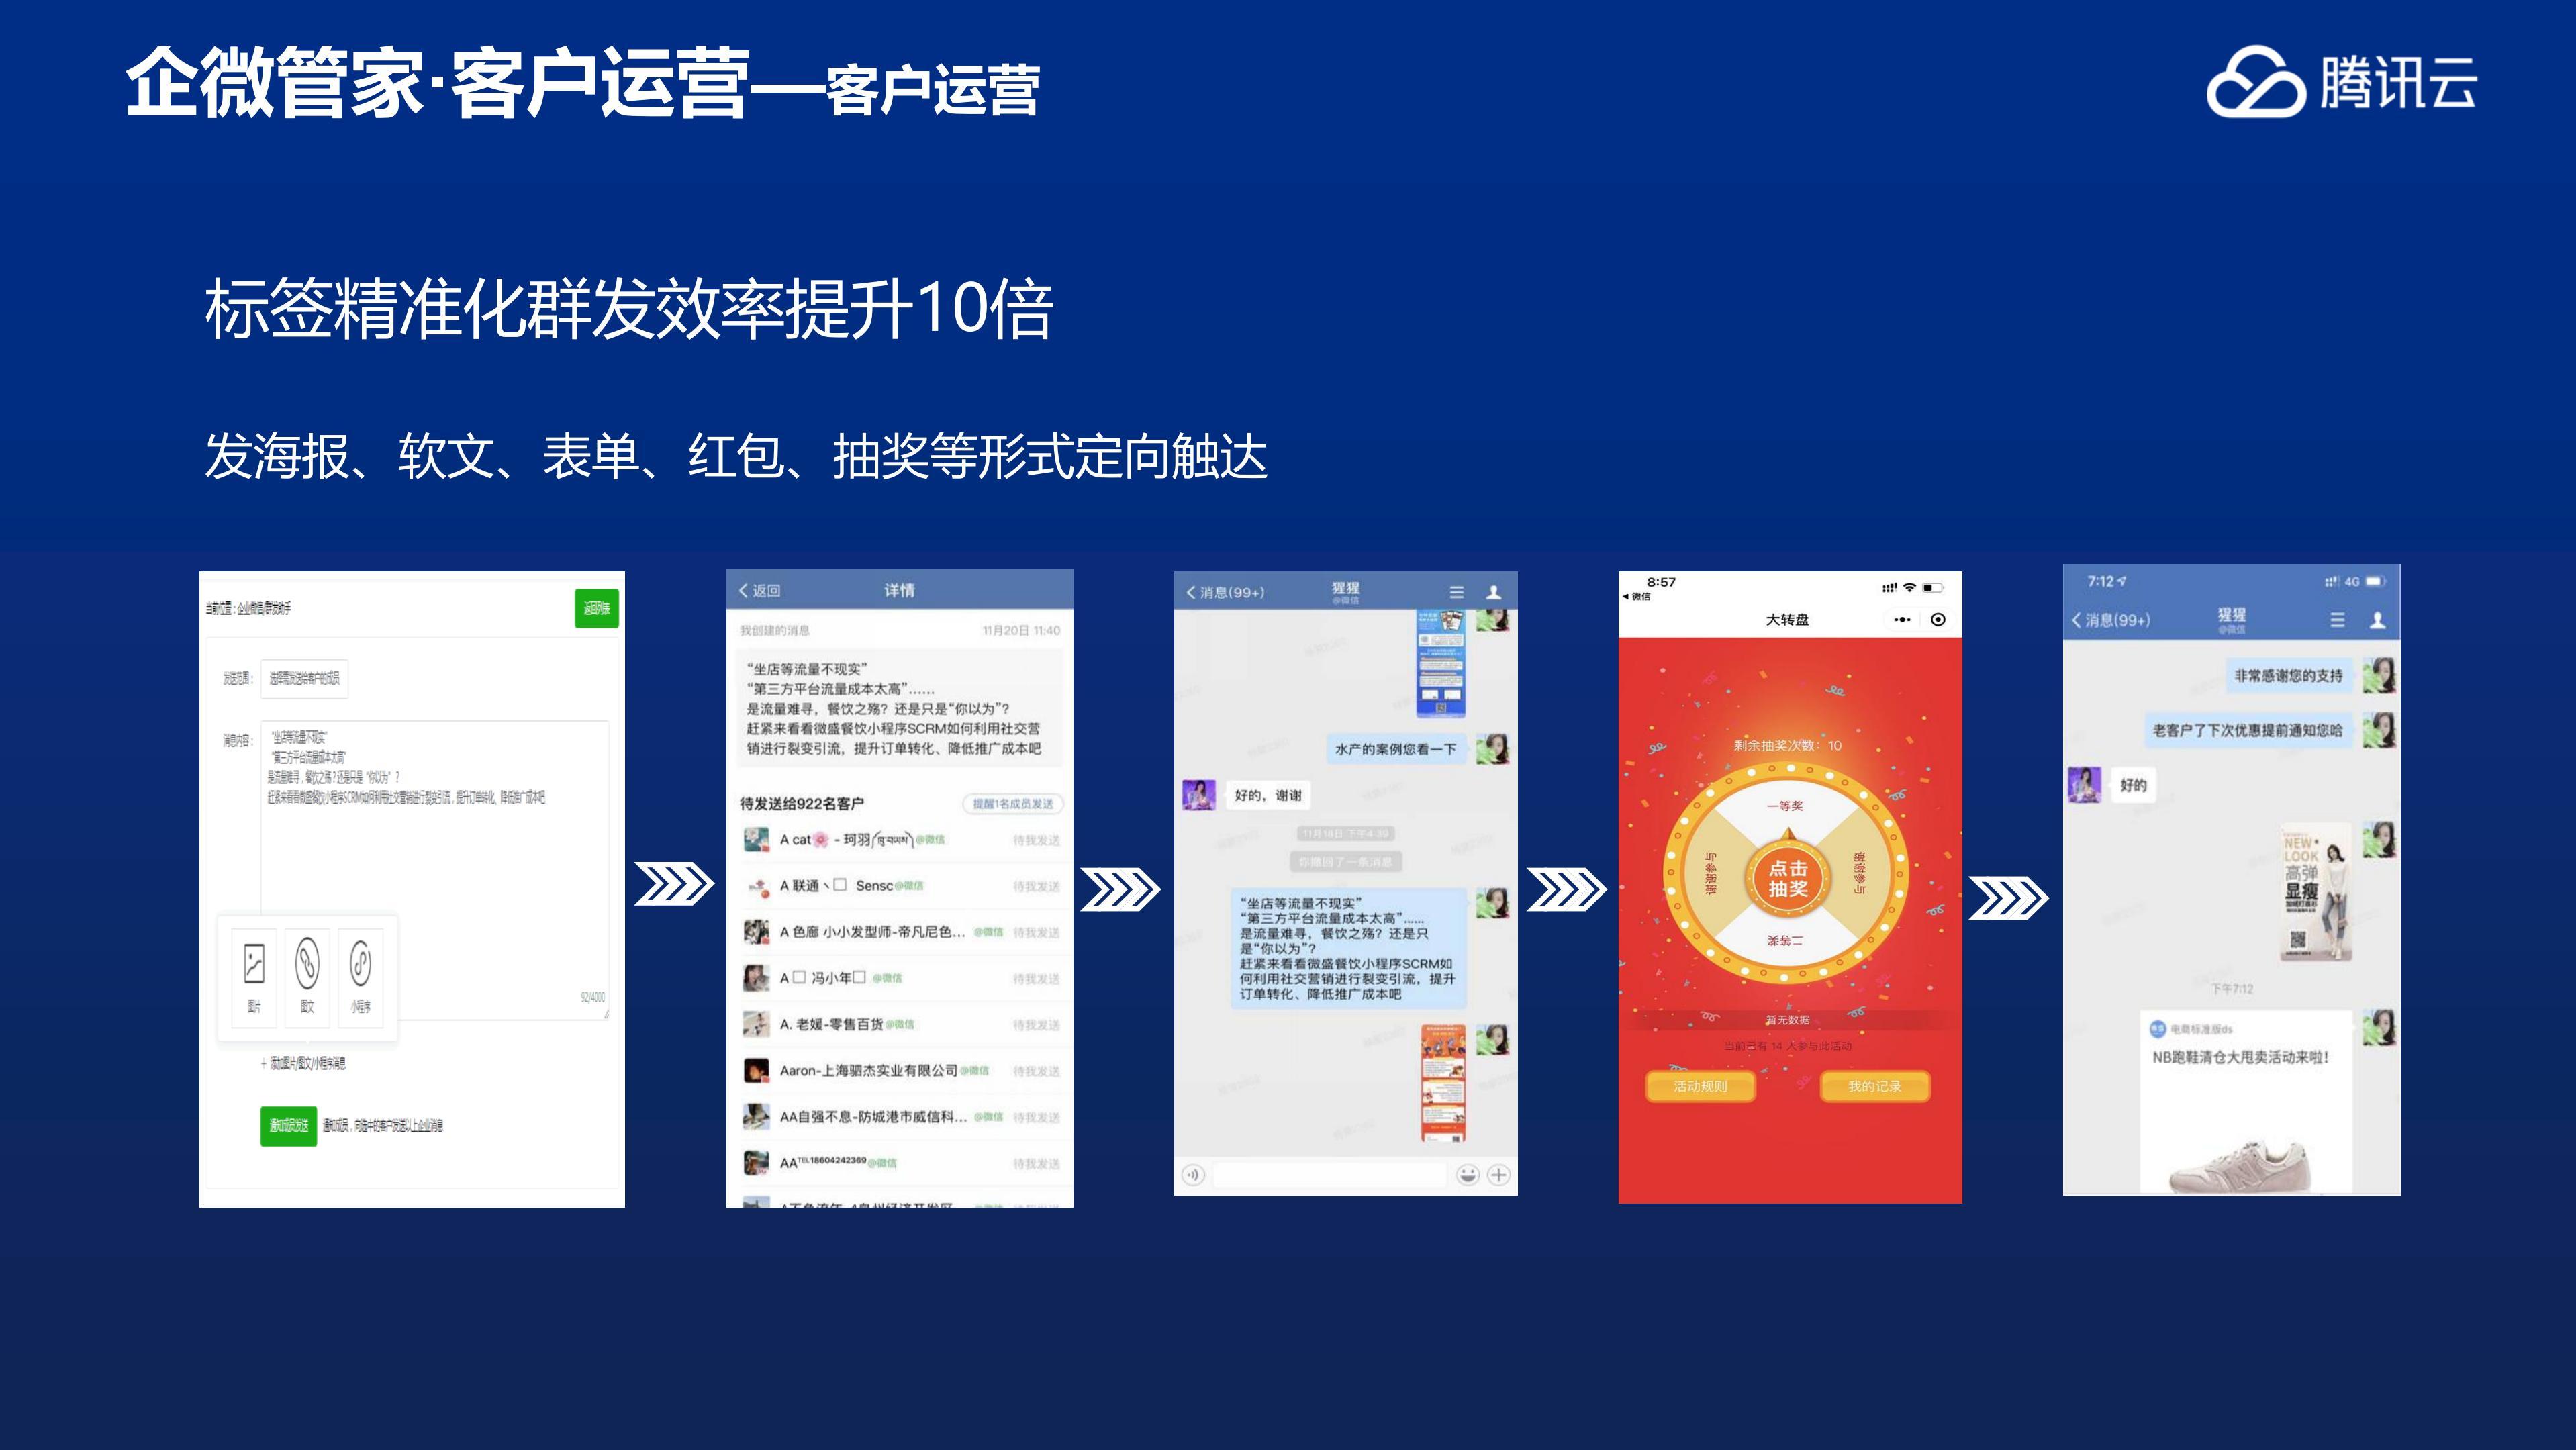 腾讯云企微管家产品介绍_21.jpg